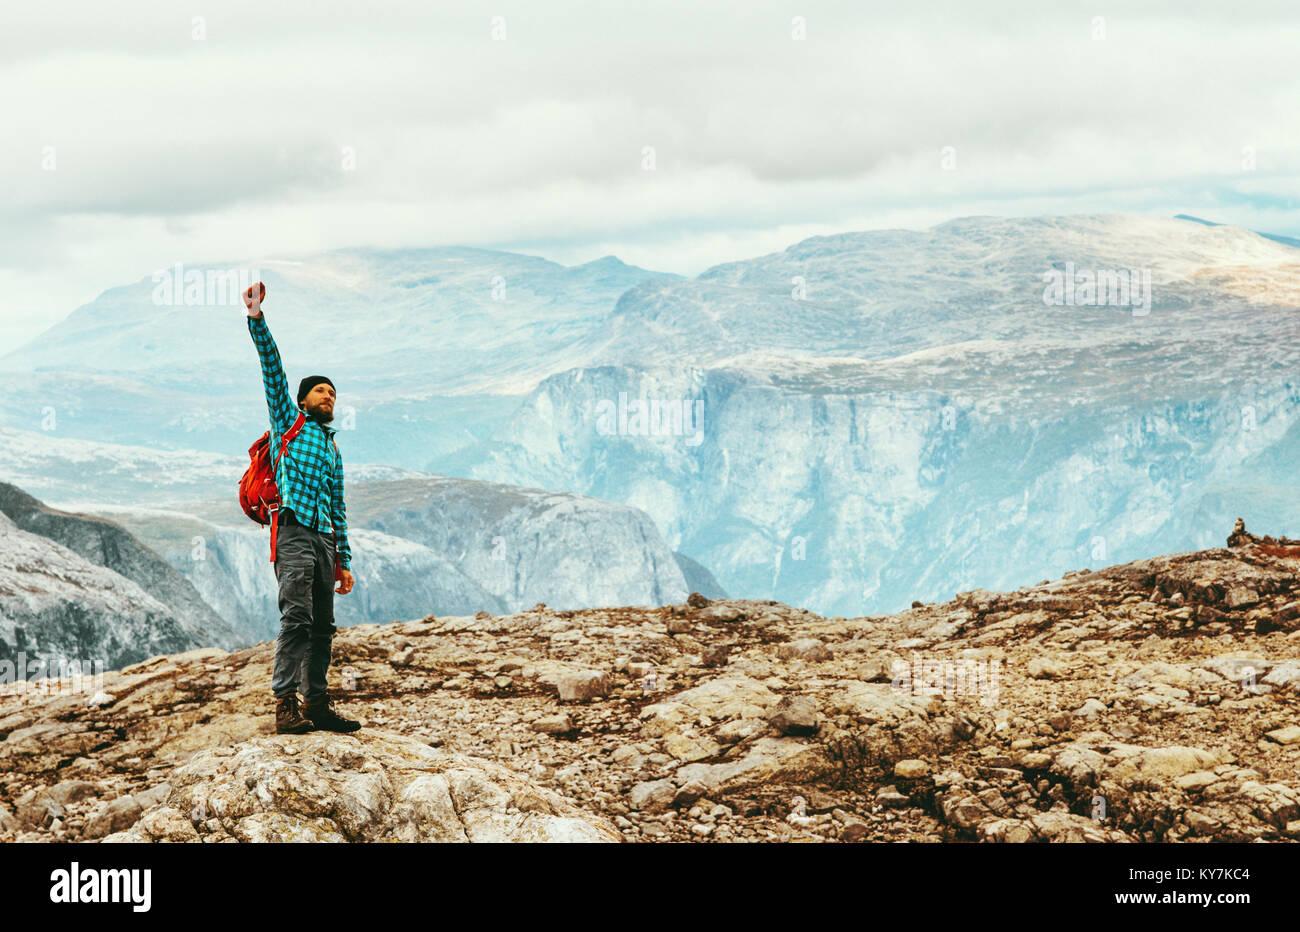 L'homme heureux émotionnel soulevé part Vie Voyage Vacances aventure concept réussite extérieure Photo Stock